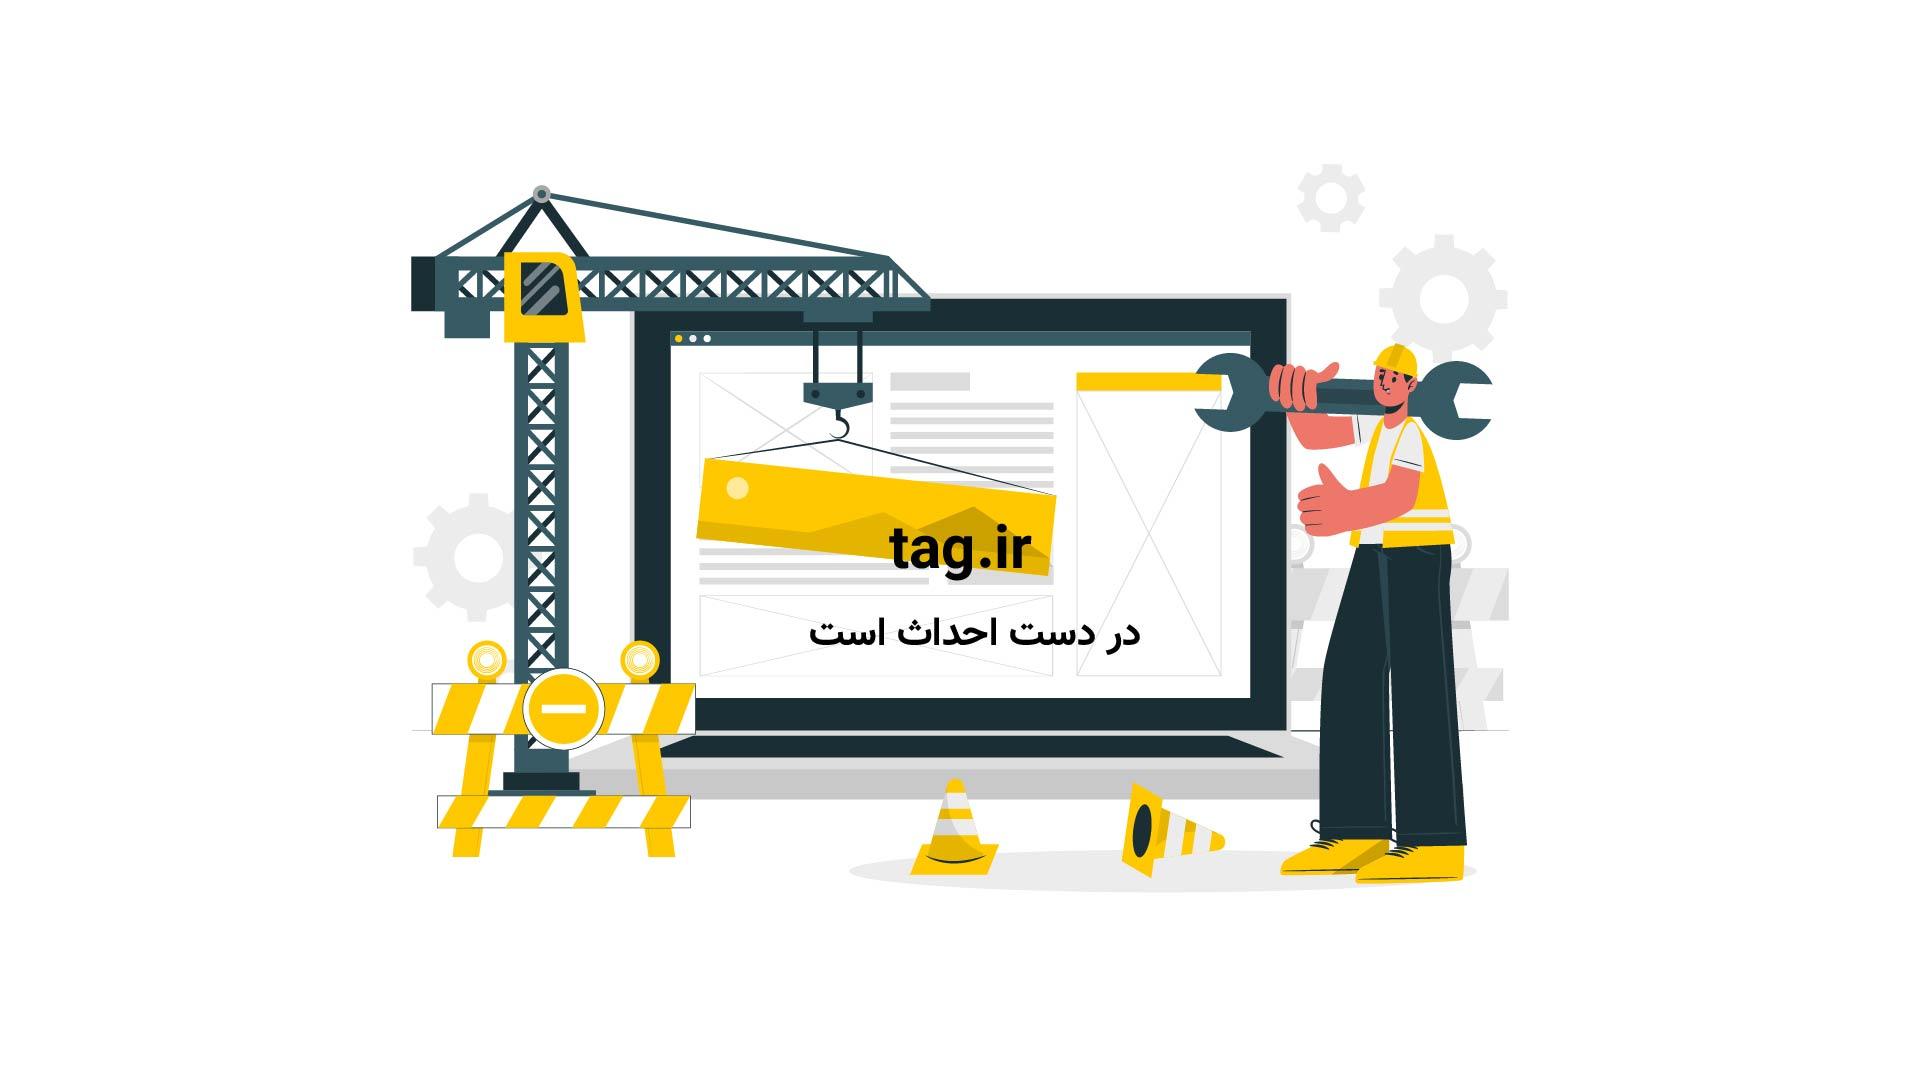 آب گرفتگی فرودگاه میامی آمریکا | تگ